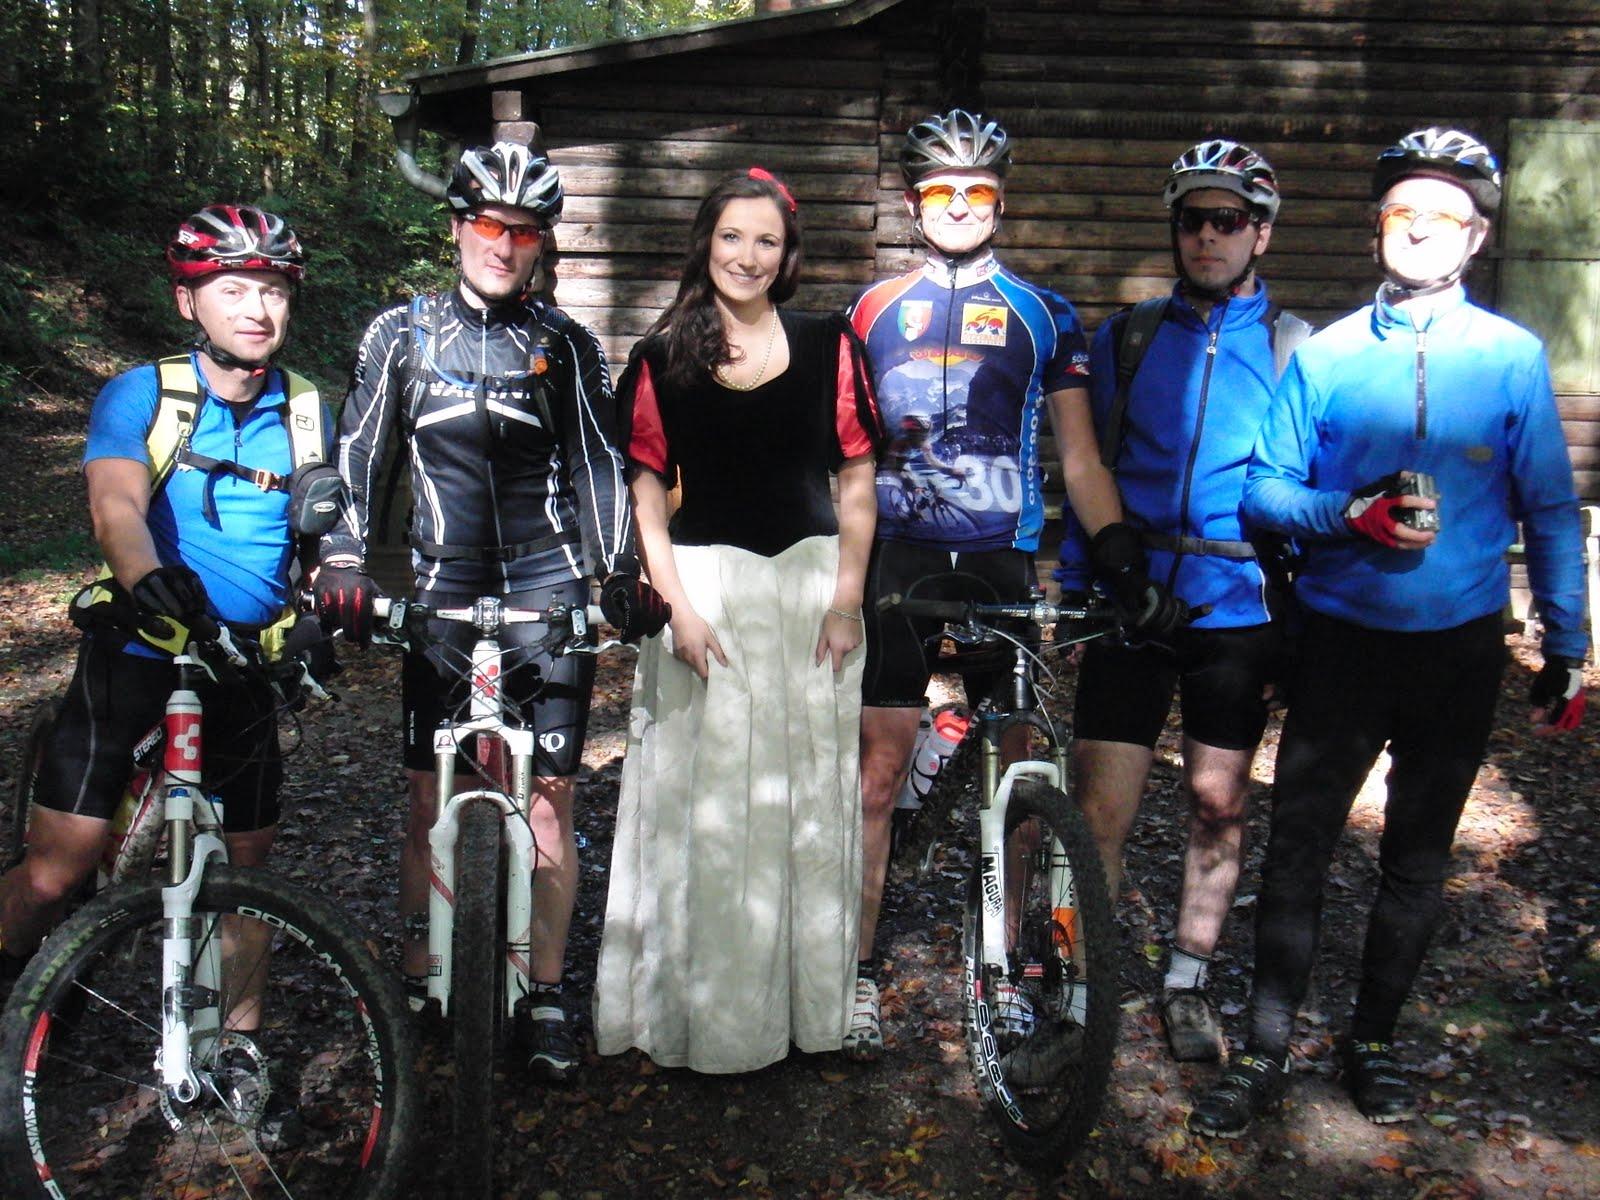 Special Trail Tour mit Manfred in Frammersbach - Partenstein - Lohr - Rechtenbach - Partenstein - Frammersbach. Schneewitchenweg